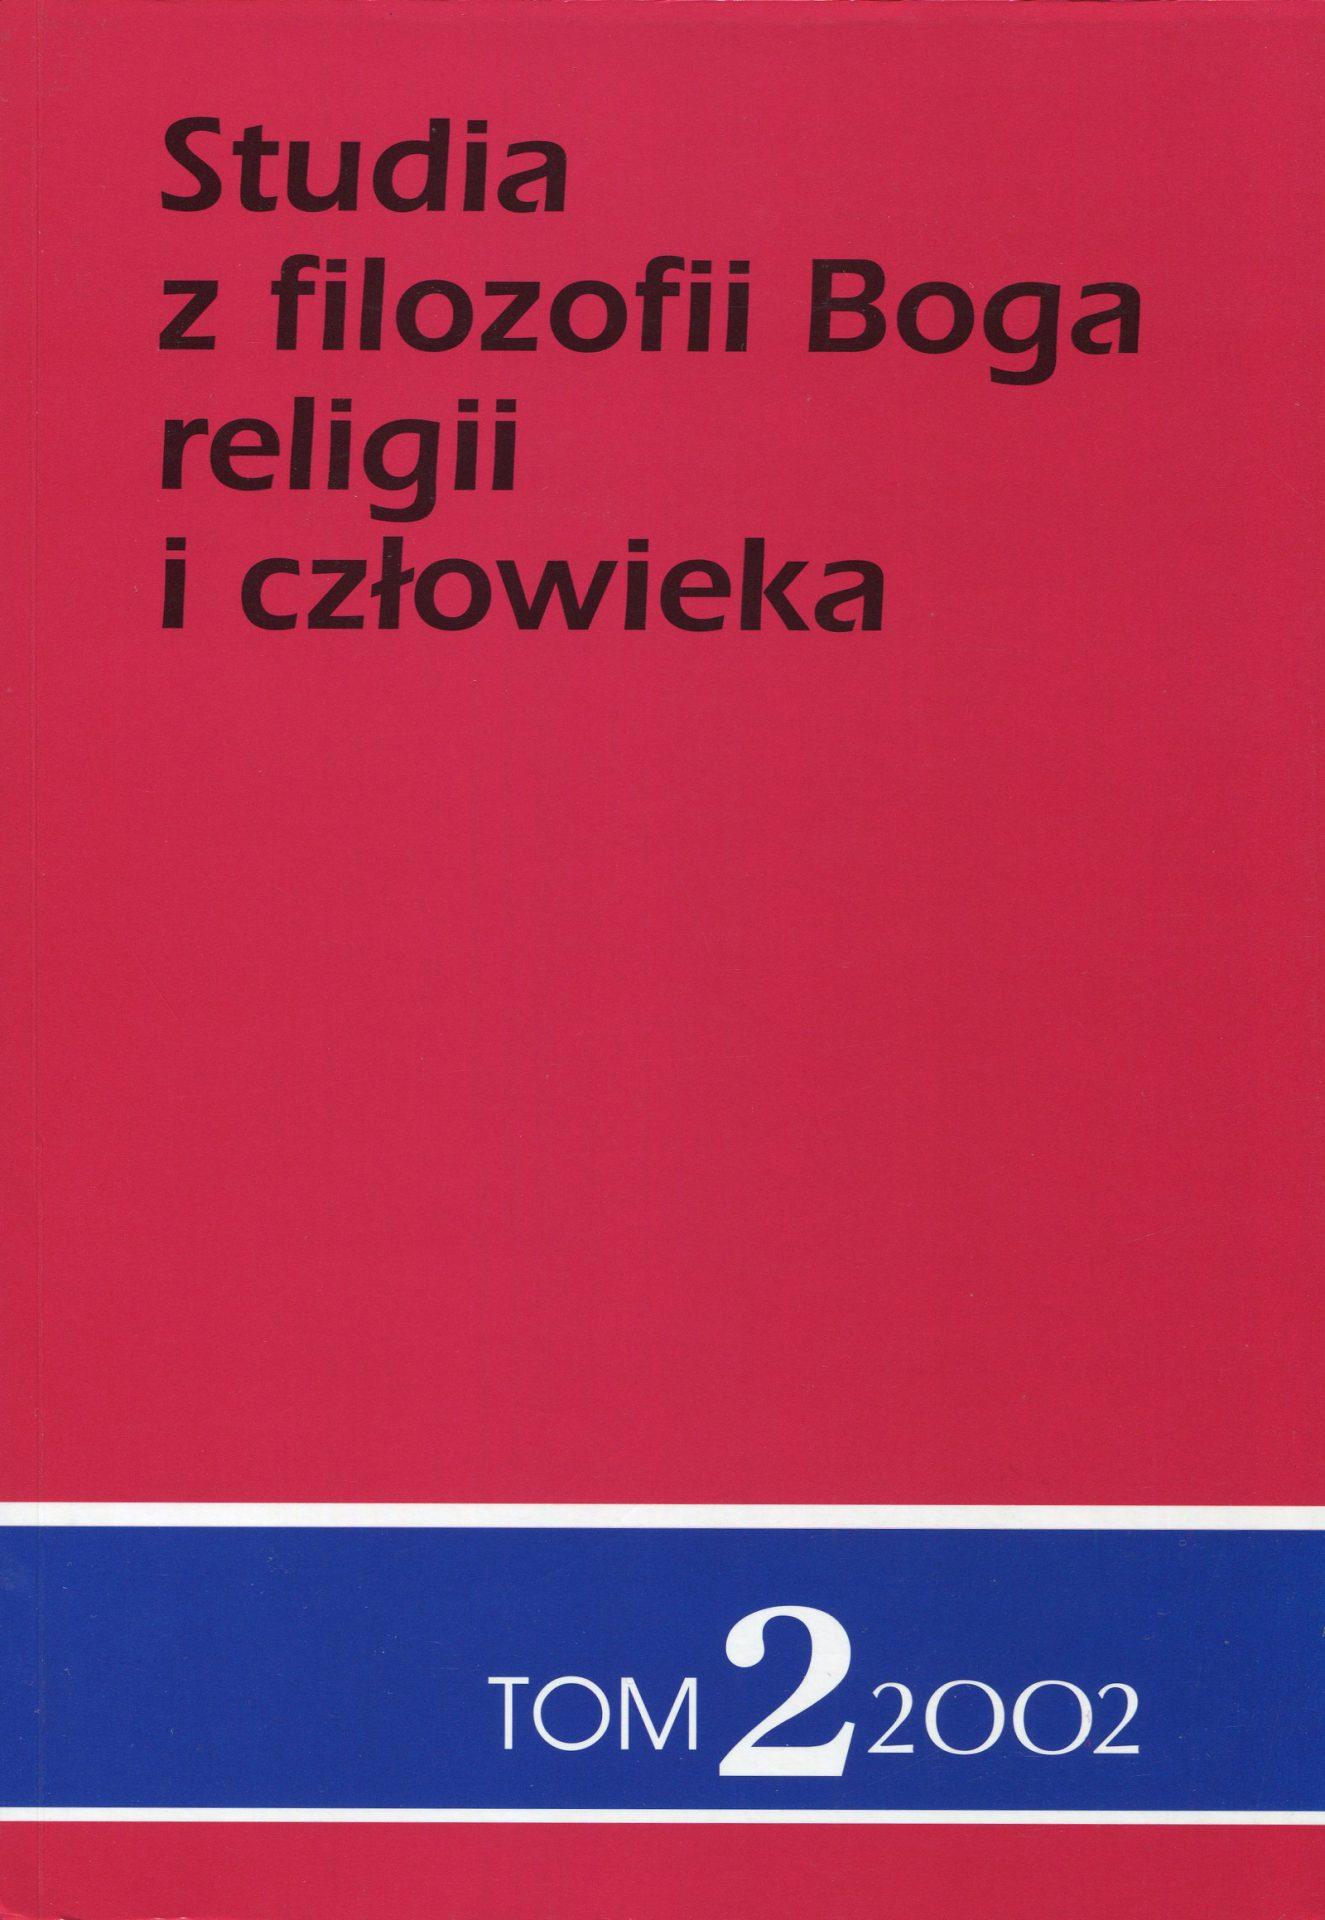 Studia z filozofii Boga, religii i człowieka, tom 2